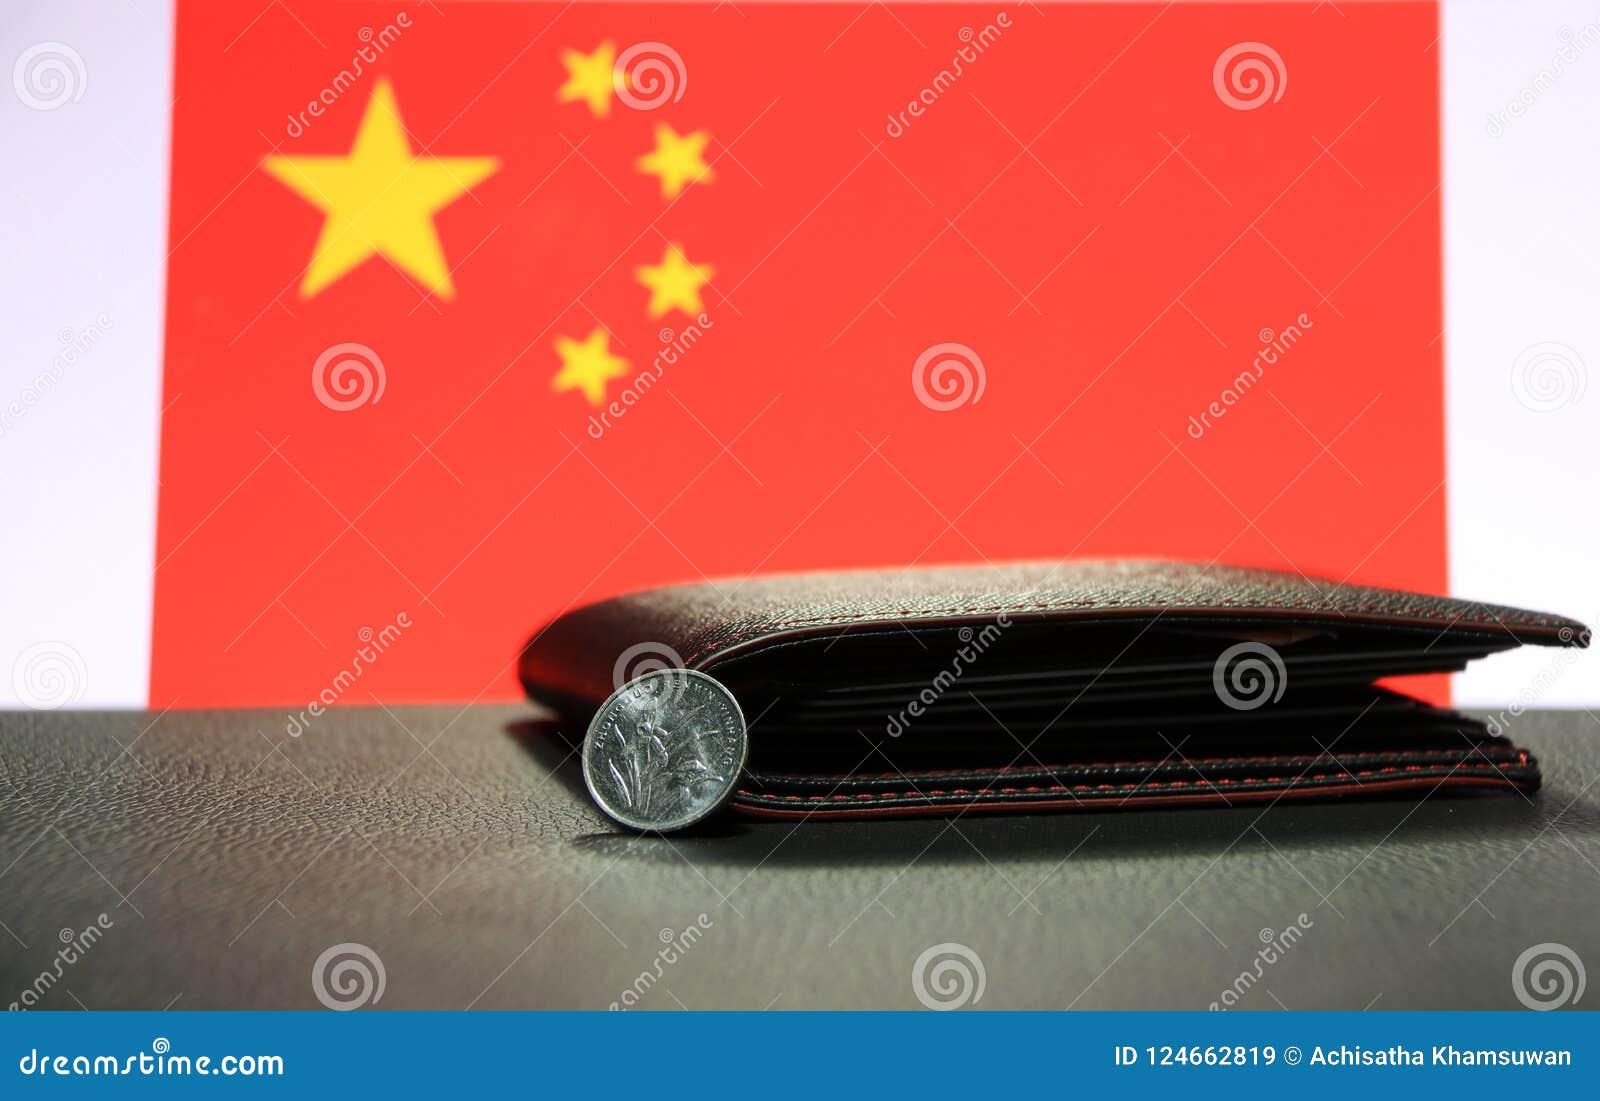 Yuan för kines en mynt på aversCNY på svart golv med den svarta plånboken och Kina sjunker bakgrund